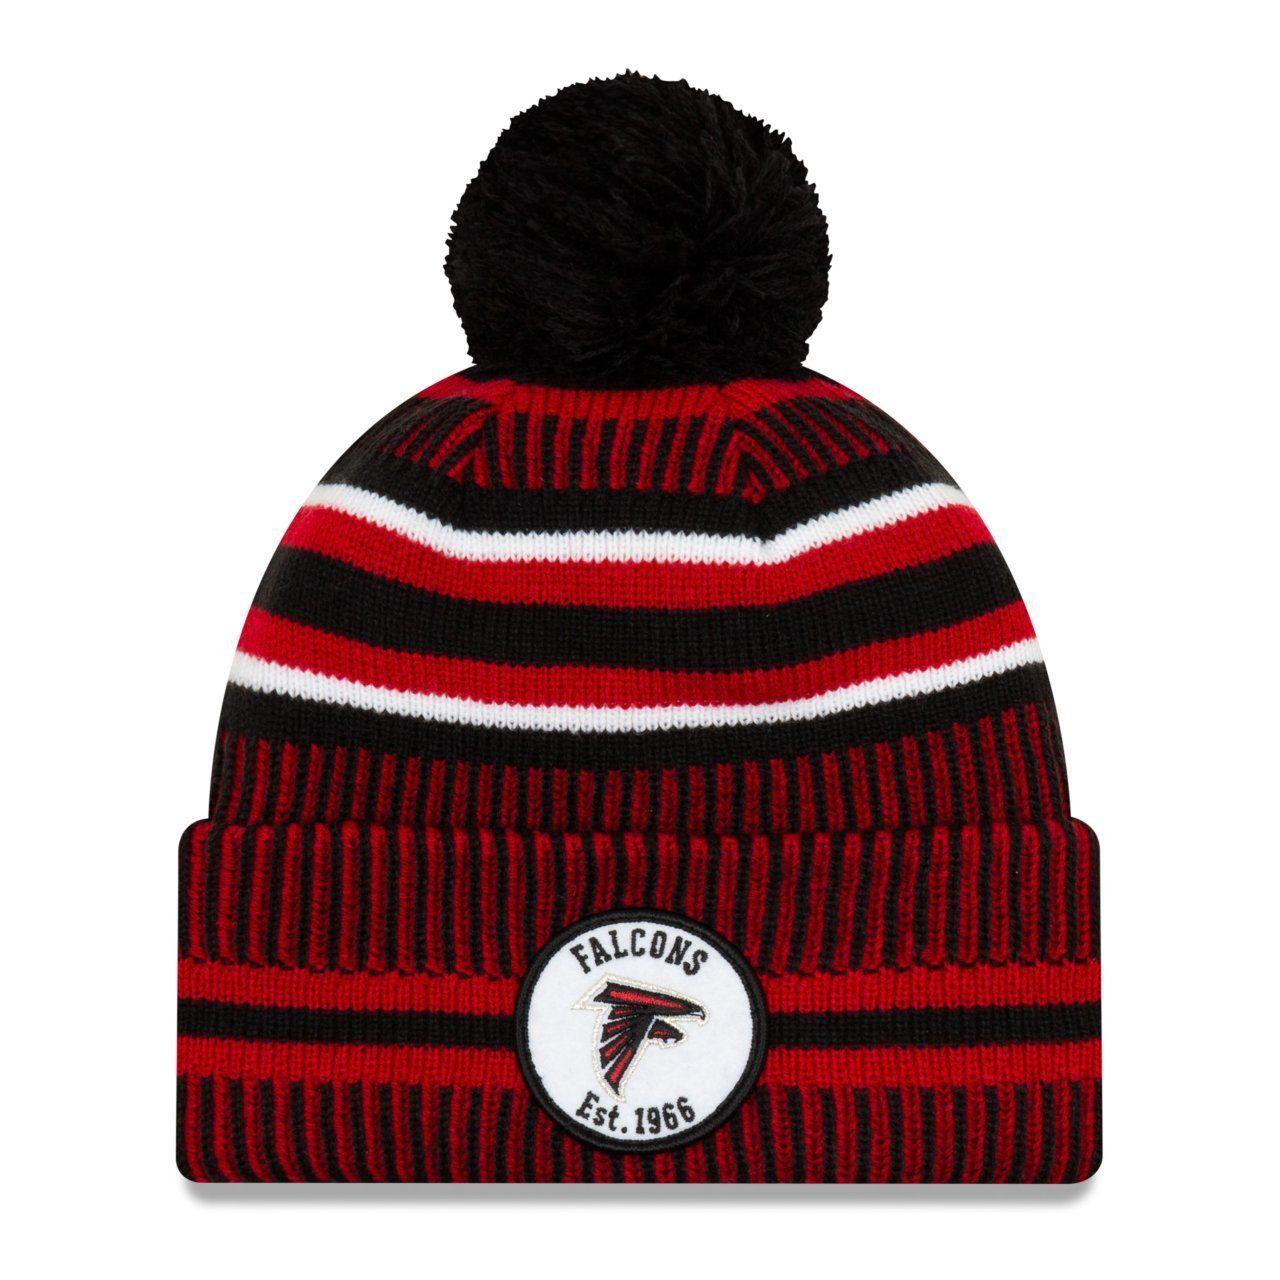 amfoo - New Era Sideline Bommel Kinder Youth Mütze Atlanta Falcons